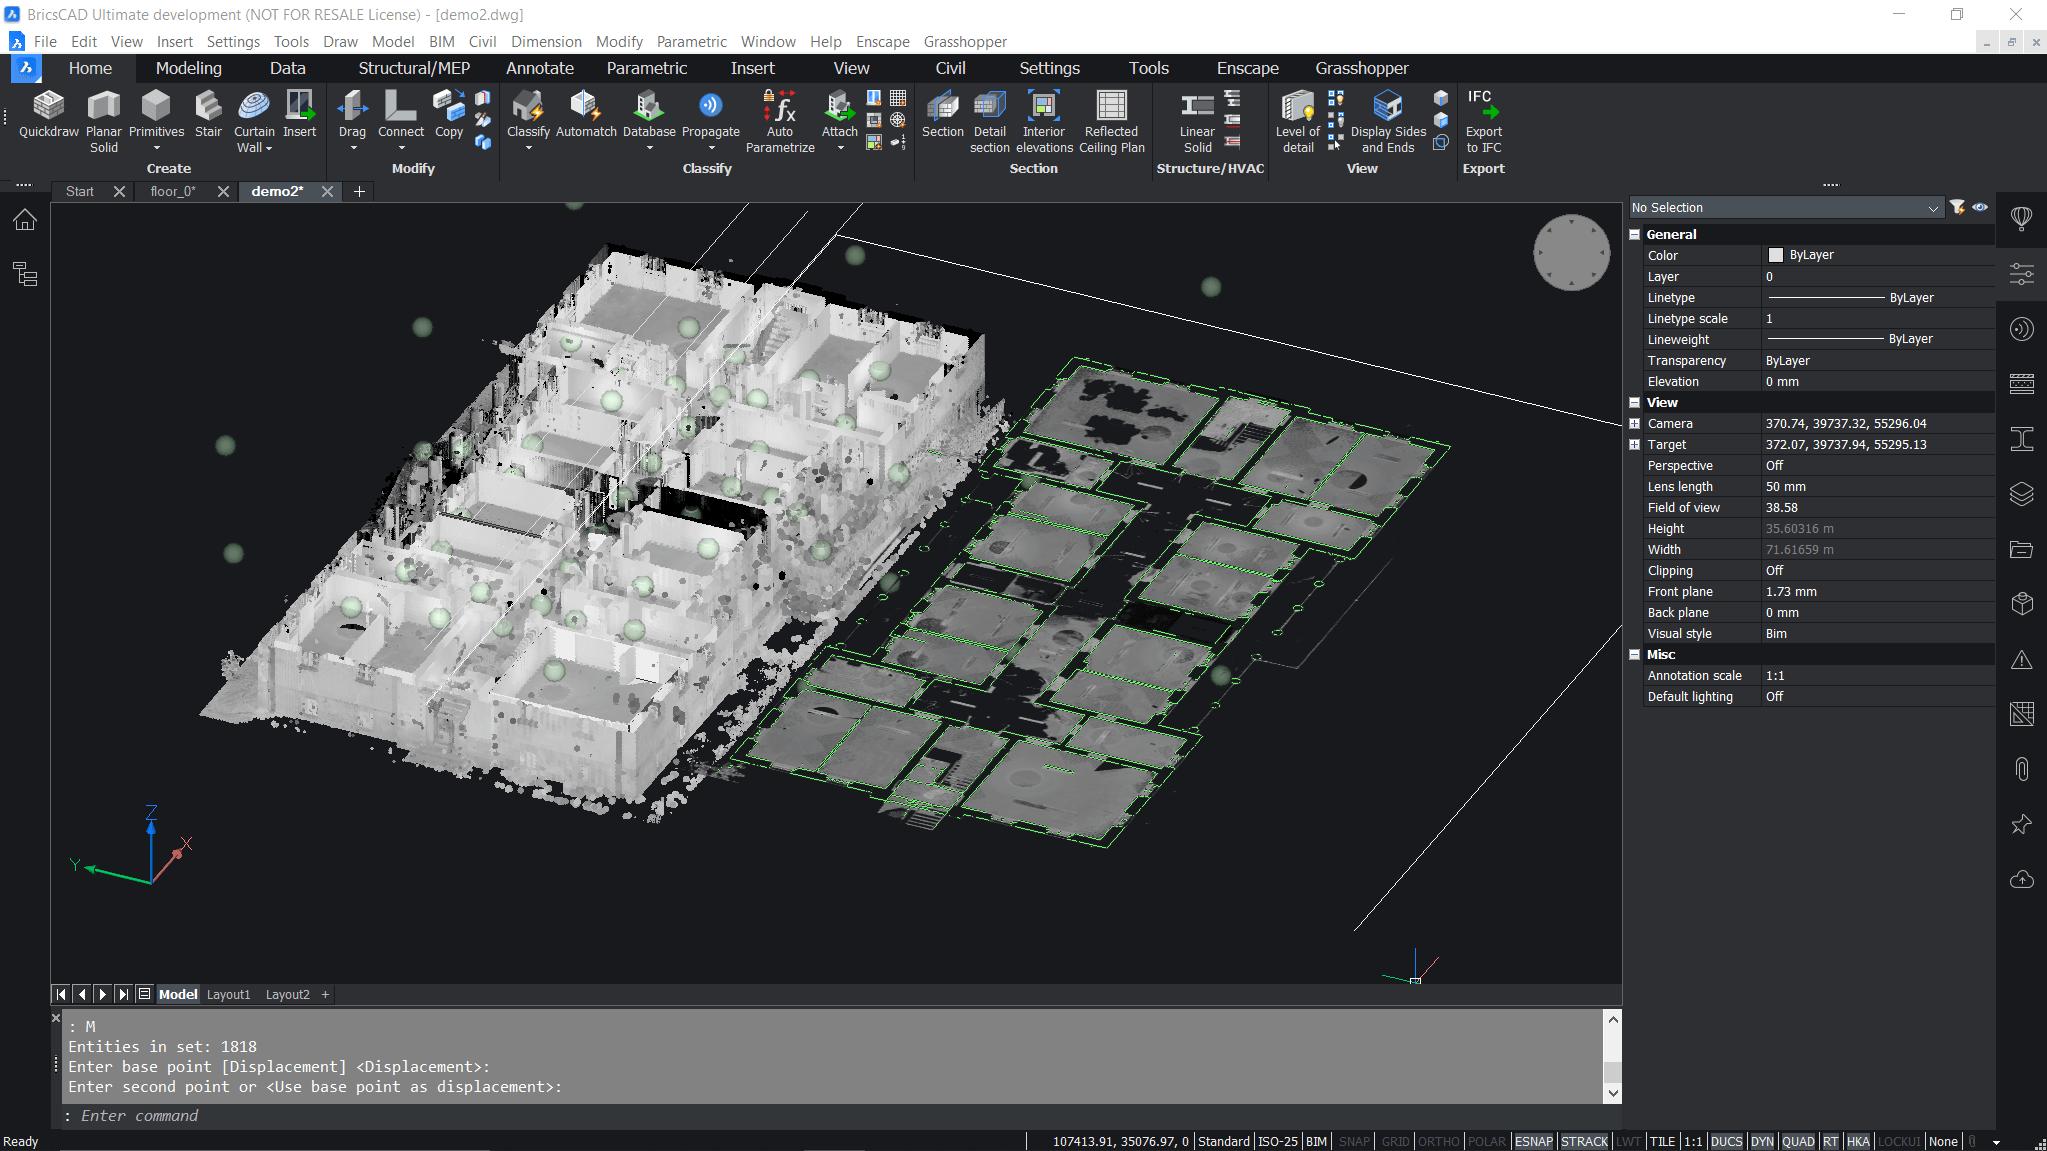 Beispiel einer DWG-Datei mit 2D- und 3D-Geometrie, Punktwolkendaten und Beschriftungen, geöffnet in BricsCAD®.